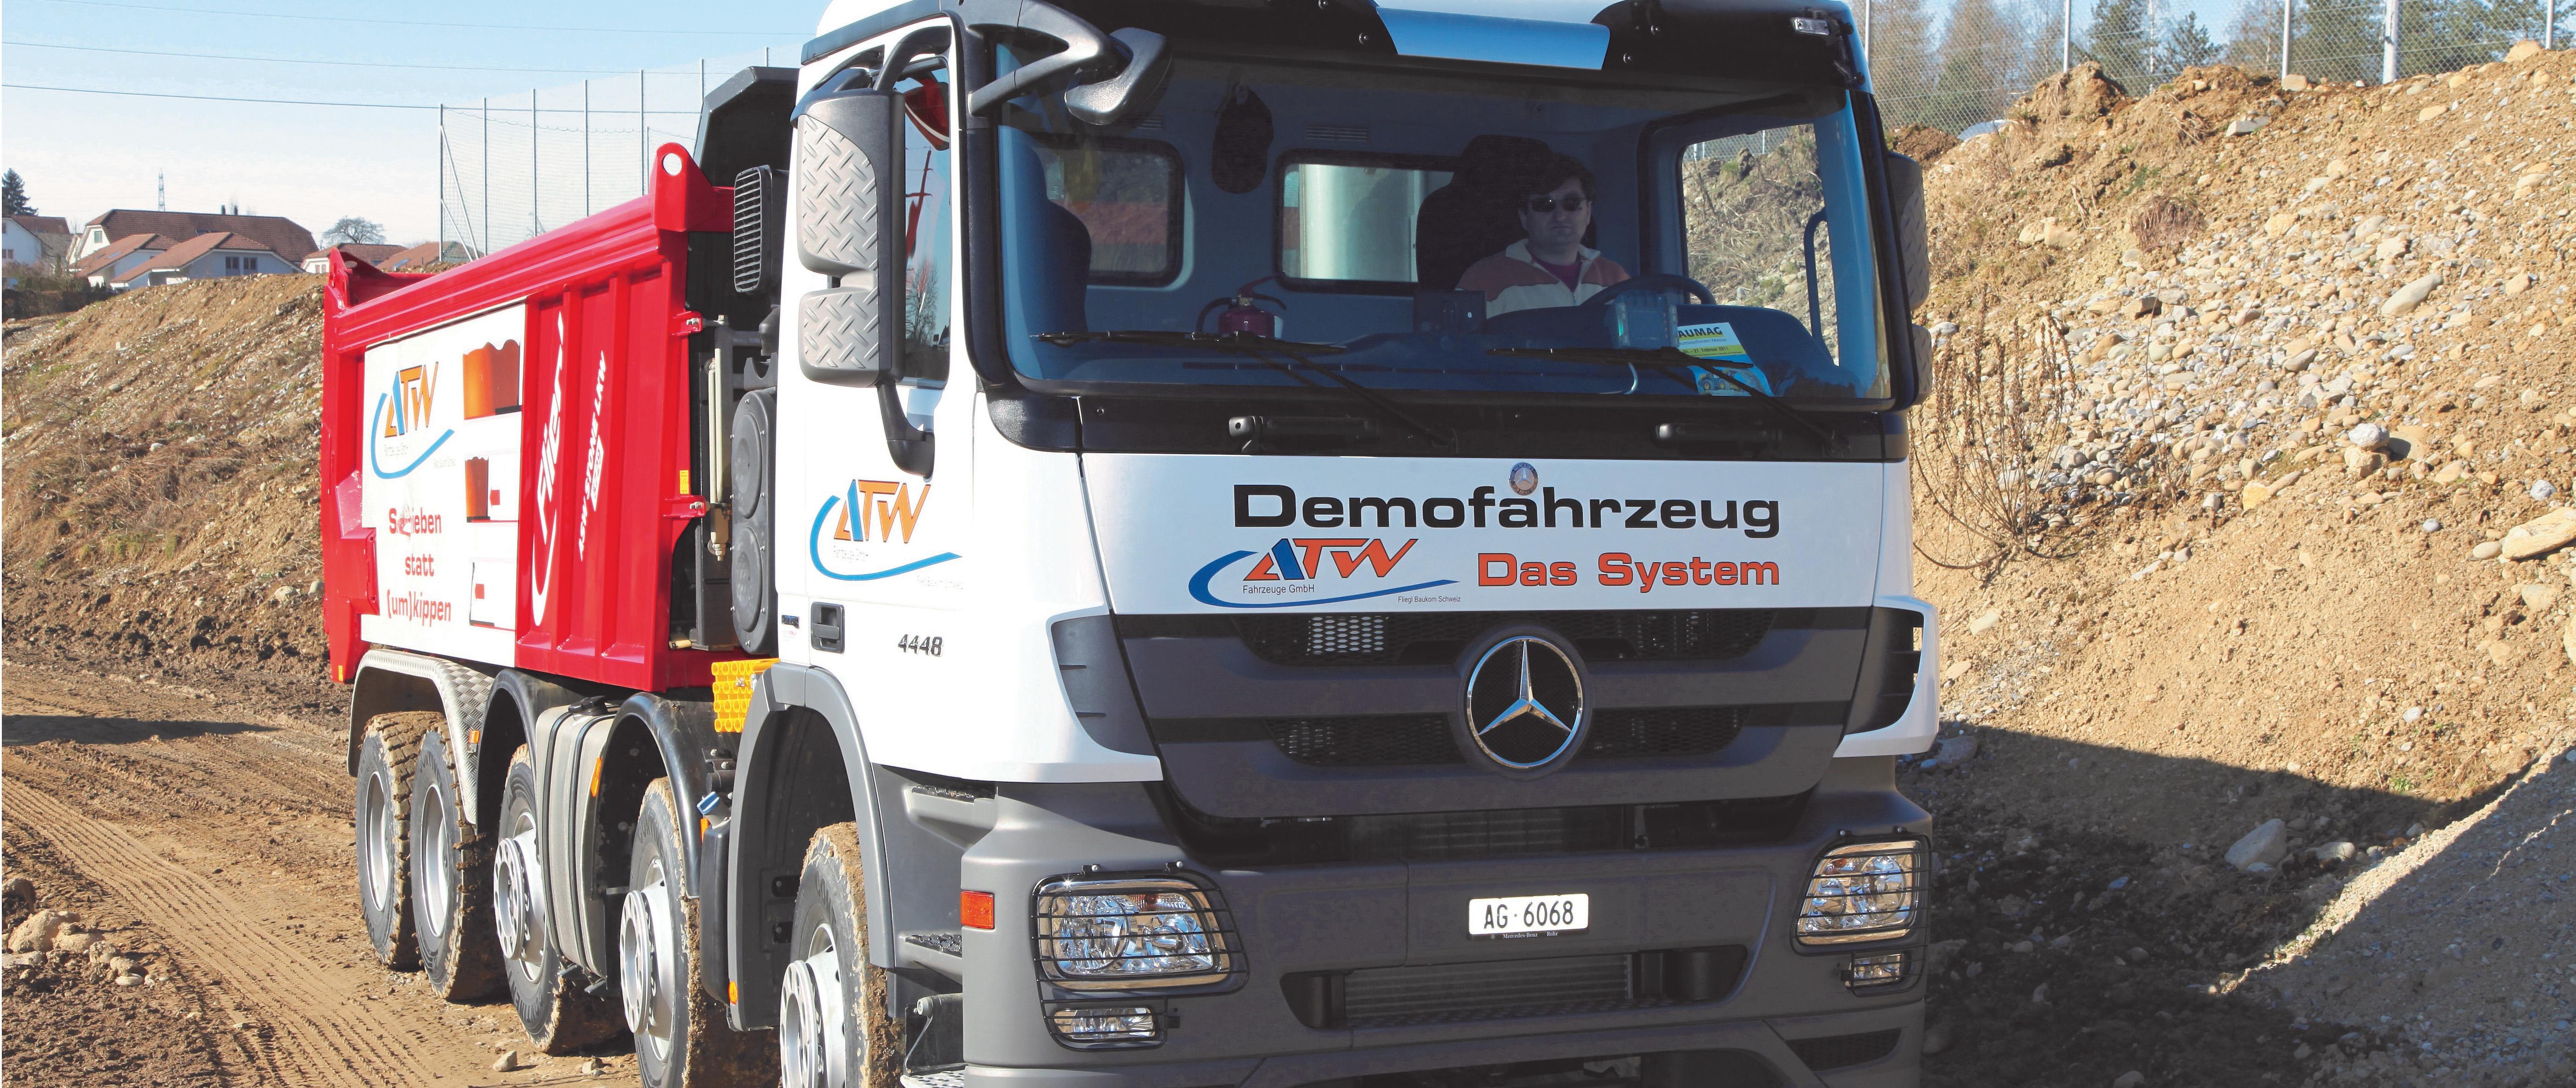 Demofahrzeug Mercedes